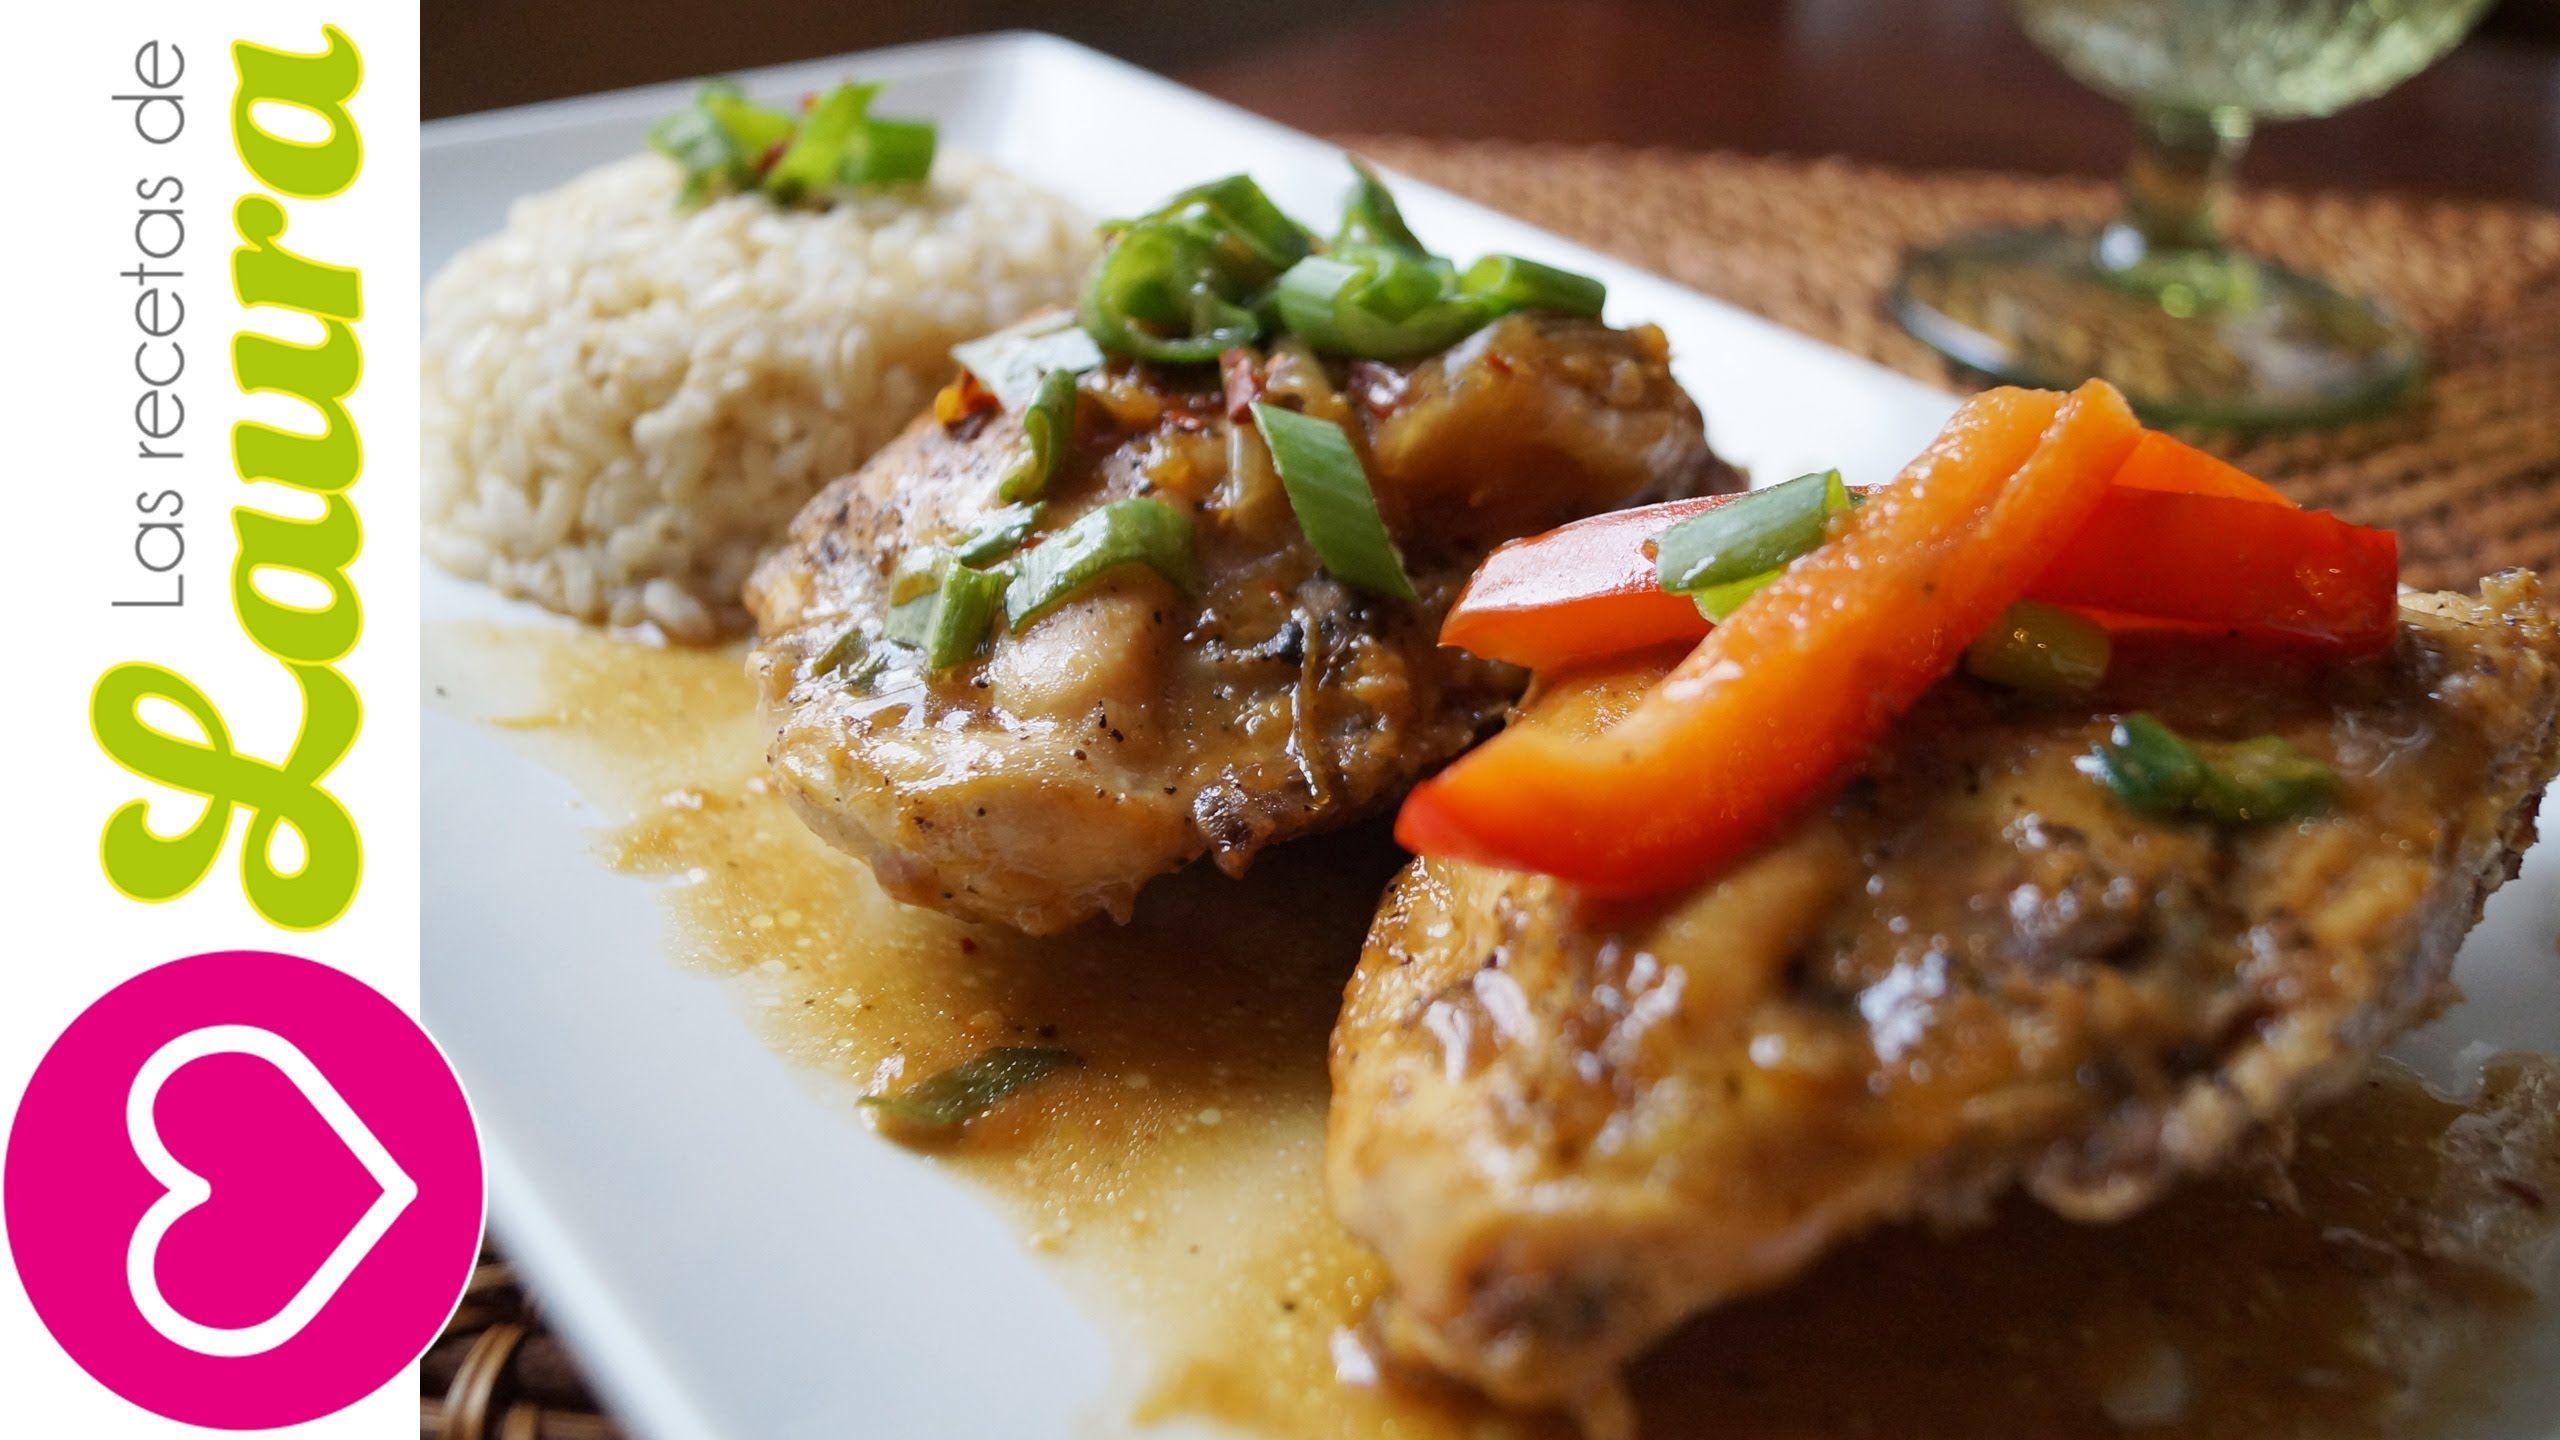 Pollo A La Naranja Estilo Chino Sin Fre R Comida Saludable  ~ Recetas Faciles Y Bajas En Calorias